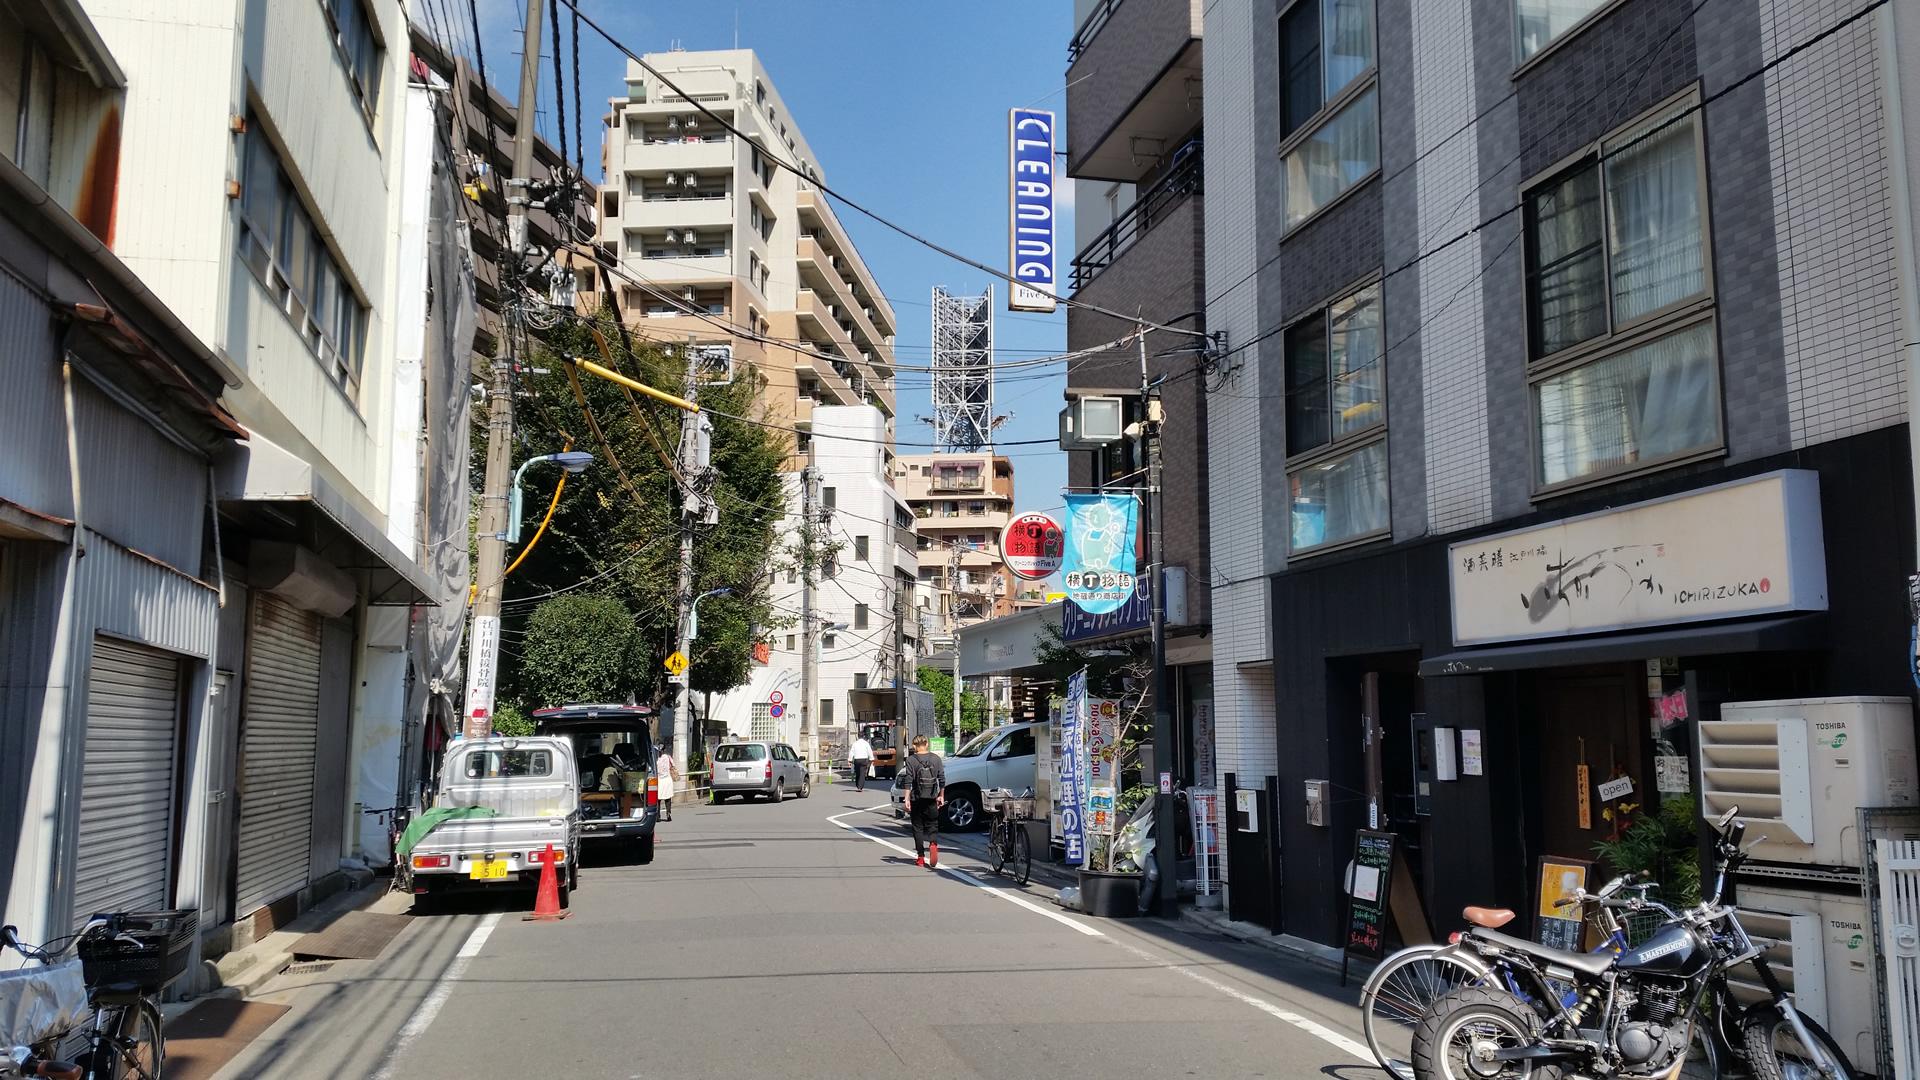 クリーニング 江戸川橋 クリーニングショップFiveA 地蔵通り商店街